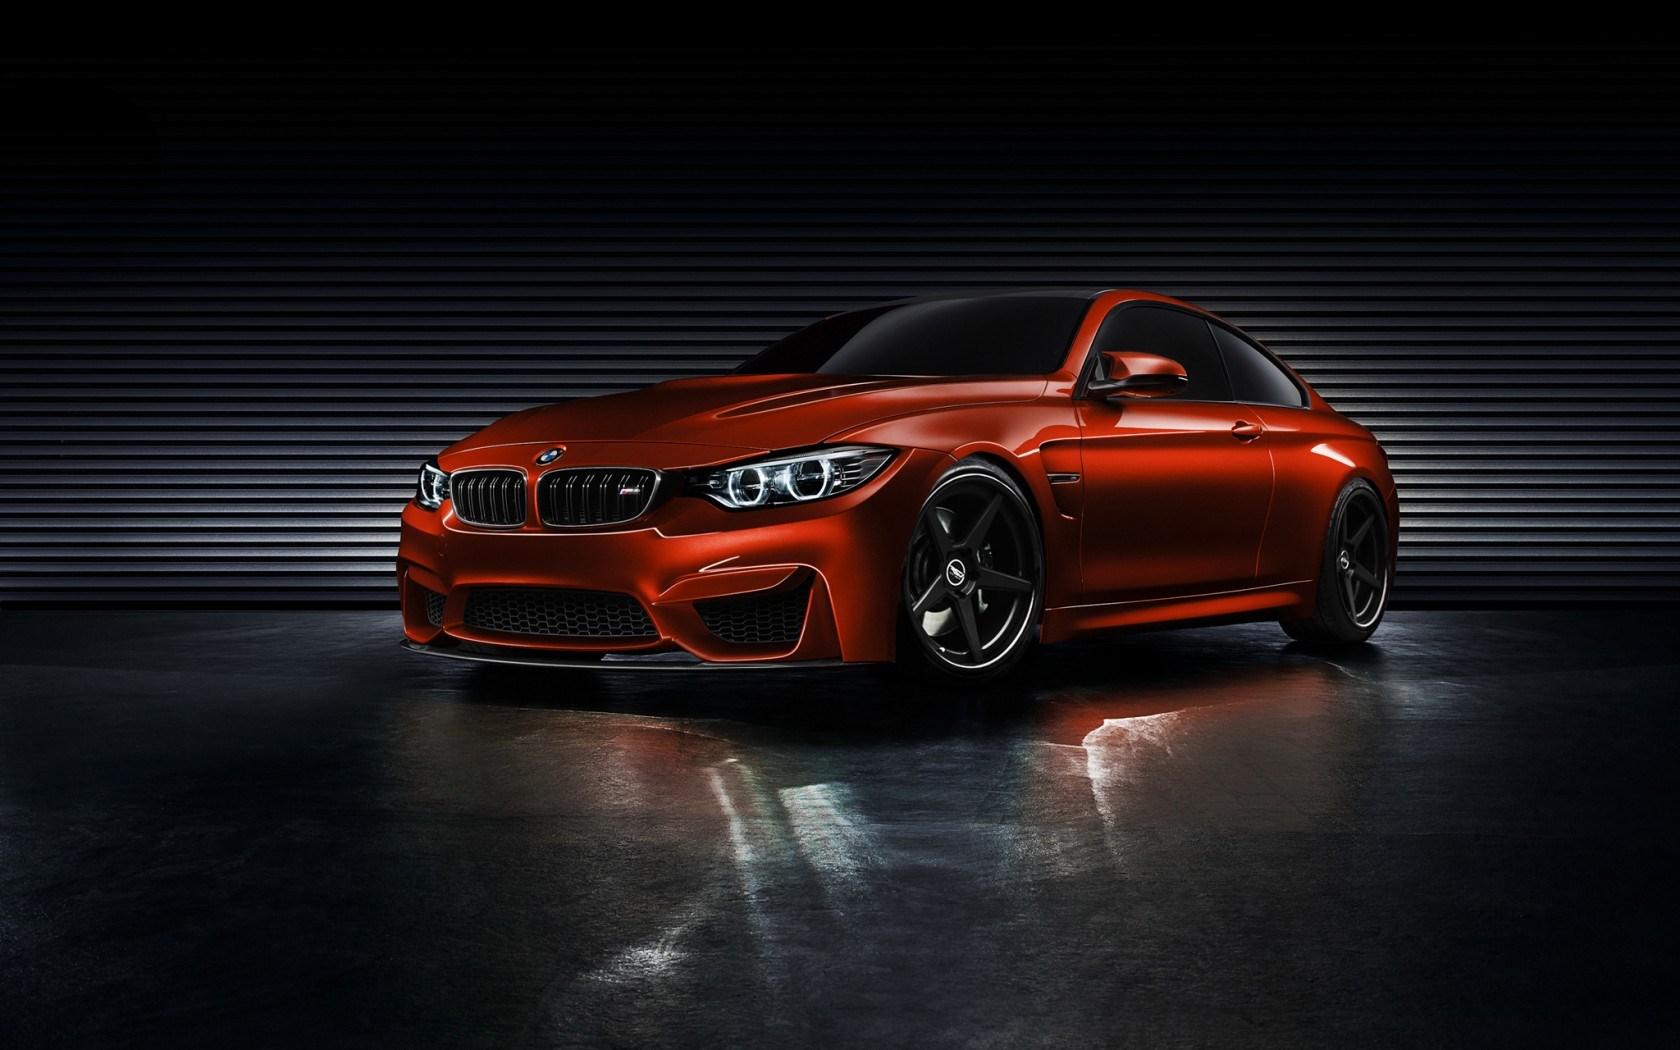 47+ BMW M4 Wallpaper on WallpaperSafari